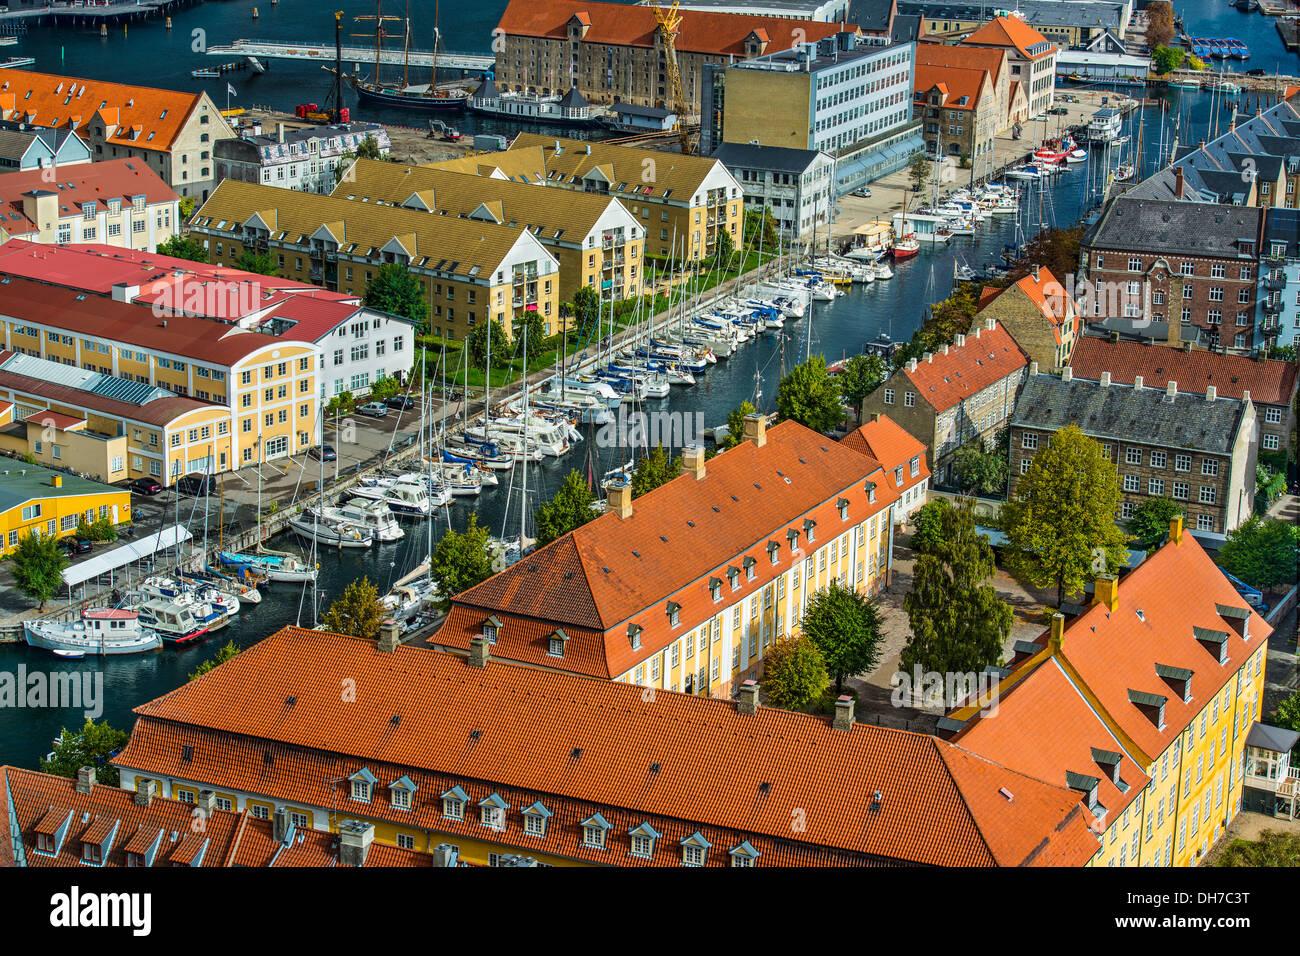 Christianhavn Canal, Copenhagen, Denmark - Stock Image